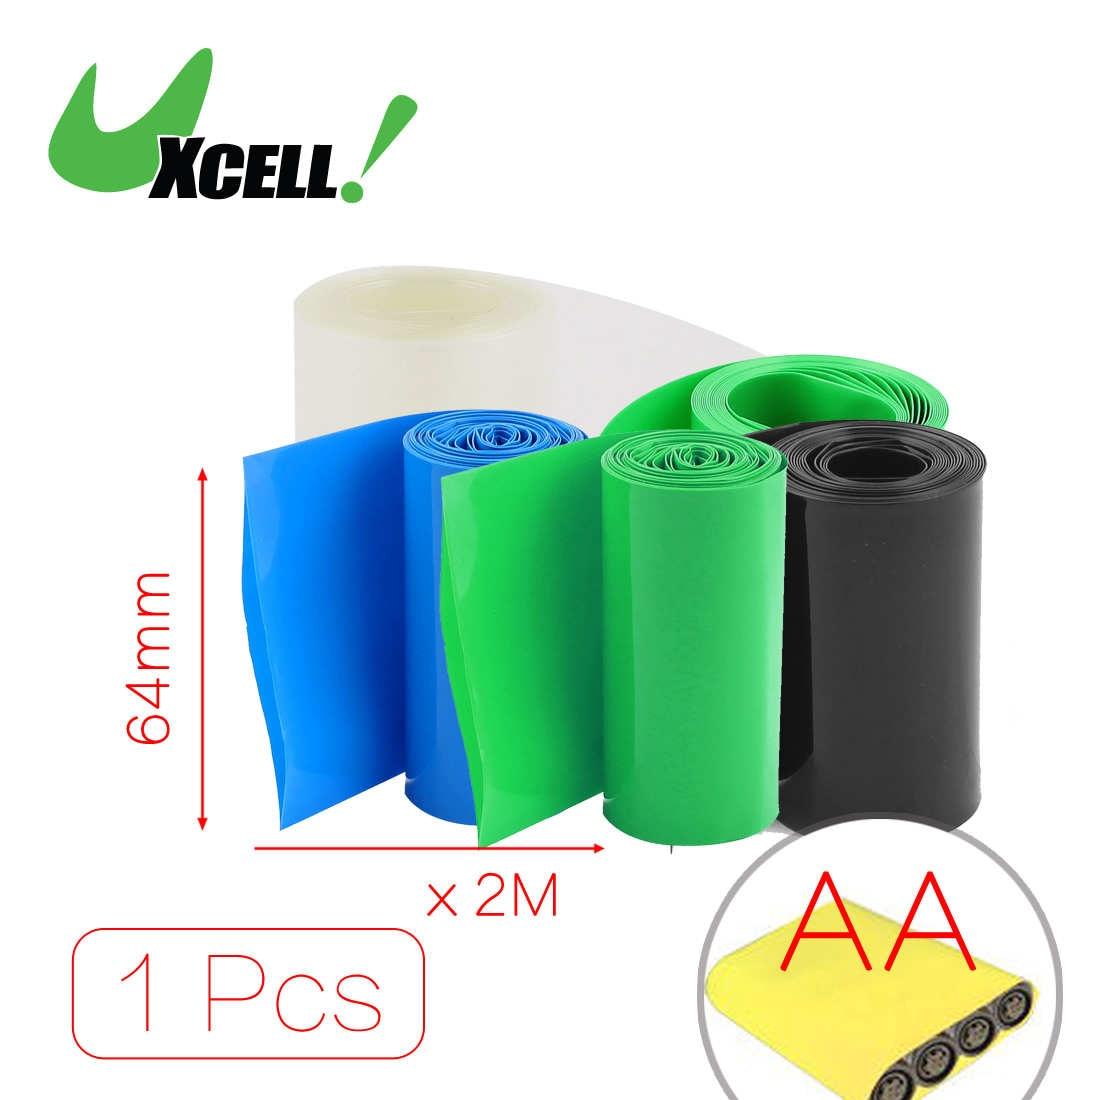 Uxcell 2 метров 64 мм Ширина ПВХ термоусадочная Обёрточная Бумага трубки Черный для <font><b>AA</b></font> Батарея пакет. | Черный | синий | очистить | Зеленый